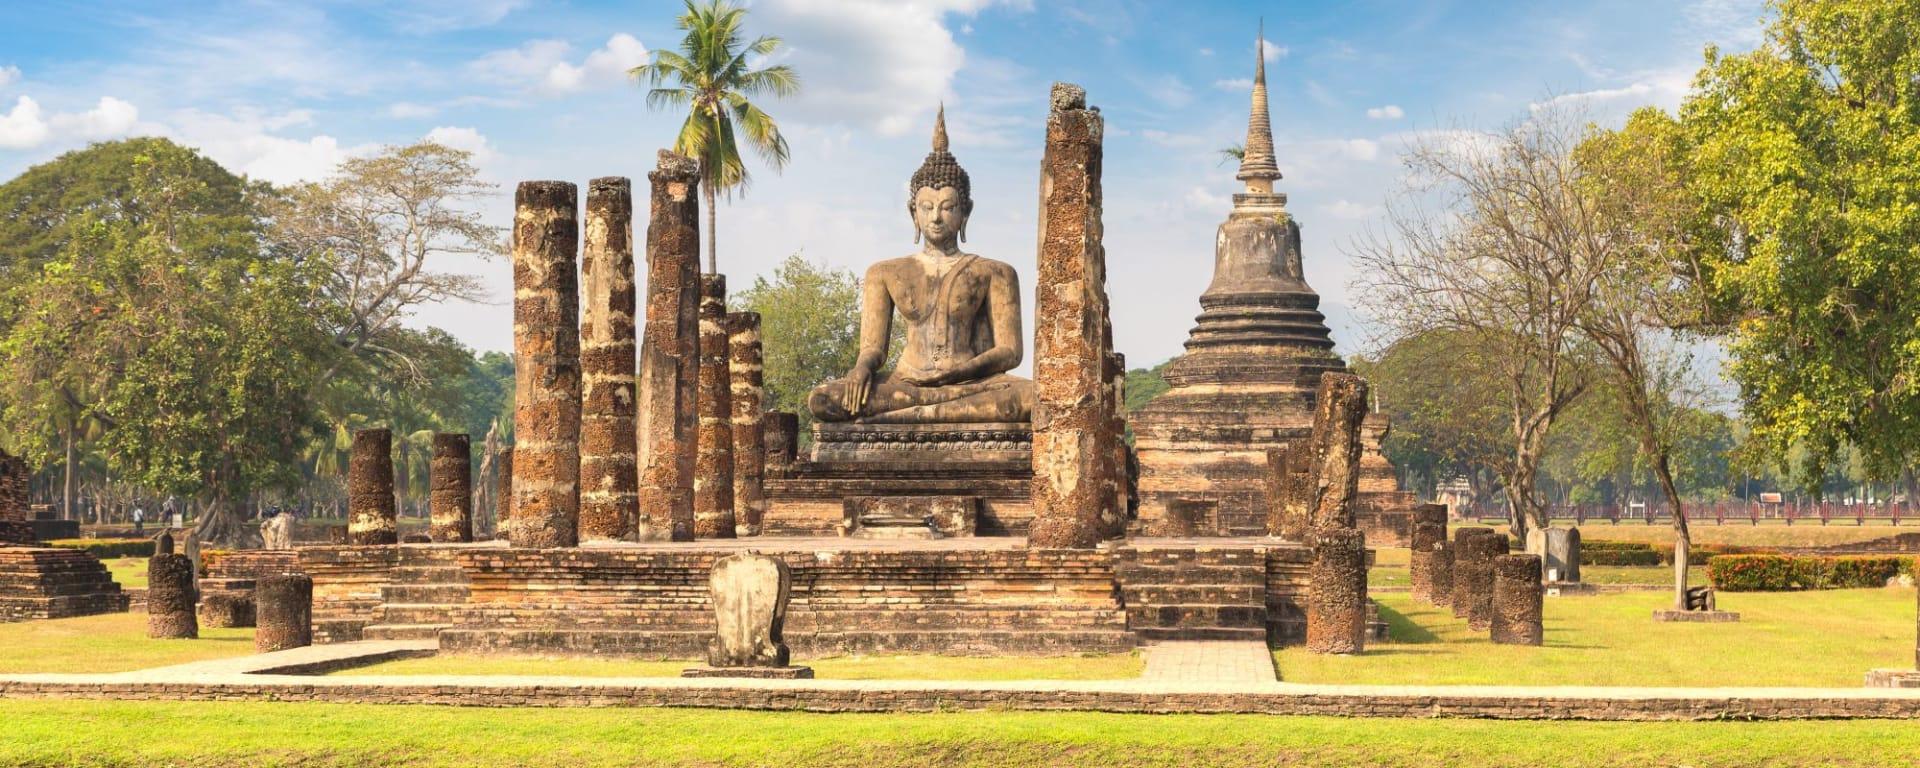 Thailand für Geniesser ab Bangkok: Sukhothai Historical Park